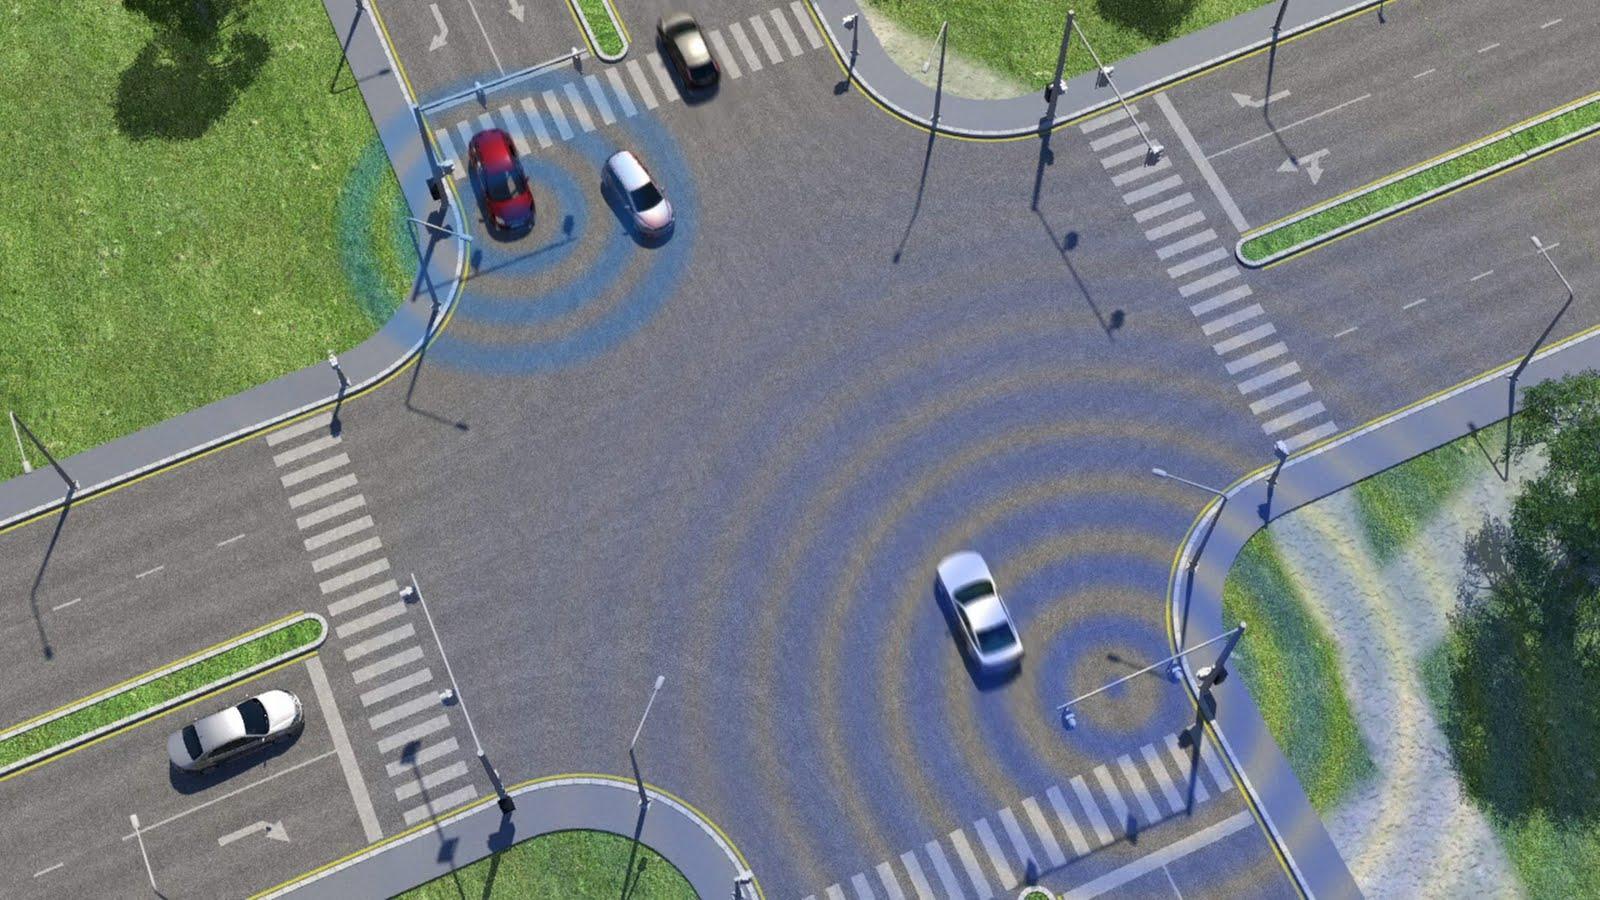 EE.UU. acelera hacia la automoción del futuro Vehiculos-inteligentes